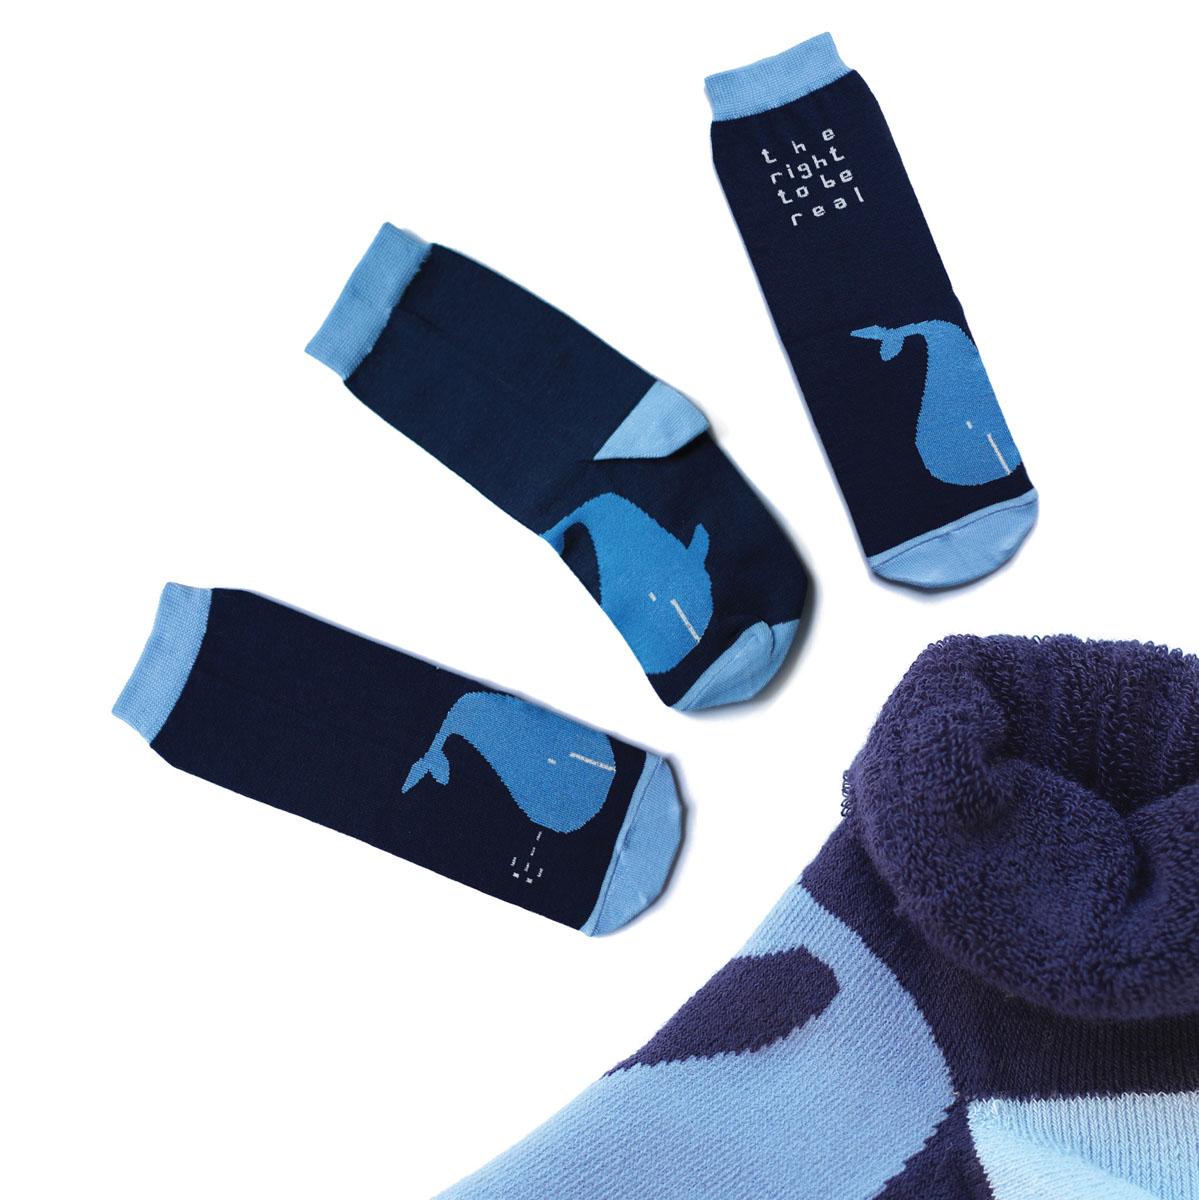 Носки мужские Big Bang Socks, махровые, цвет: темно-синий, голубой. ca1333. Размер 40/44ca1333_махровыеМужские махровые носки Big Bang Socks изготовлены из высококачественного хлопка с добавлением полиамидных и эластановых волокон, которые обеспечивают великолепную посадку. Носки отличаются ярким стильным дизайном, они оформлены изображением кита и надписью: The right to be real. Удобная широкая резинка идеально облегает ногу и не пережимает сосуды, усиленные пятка и мысок повышают износоустойчивость носка, а удлиненный паголенок придает более эстетичный вид. Дизайнерские носки Big Bang Socks - яркая деталь в вашем образе и оригинальный подарок для друзей и близких.